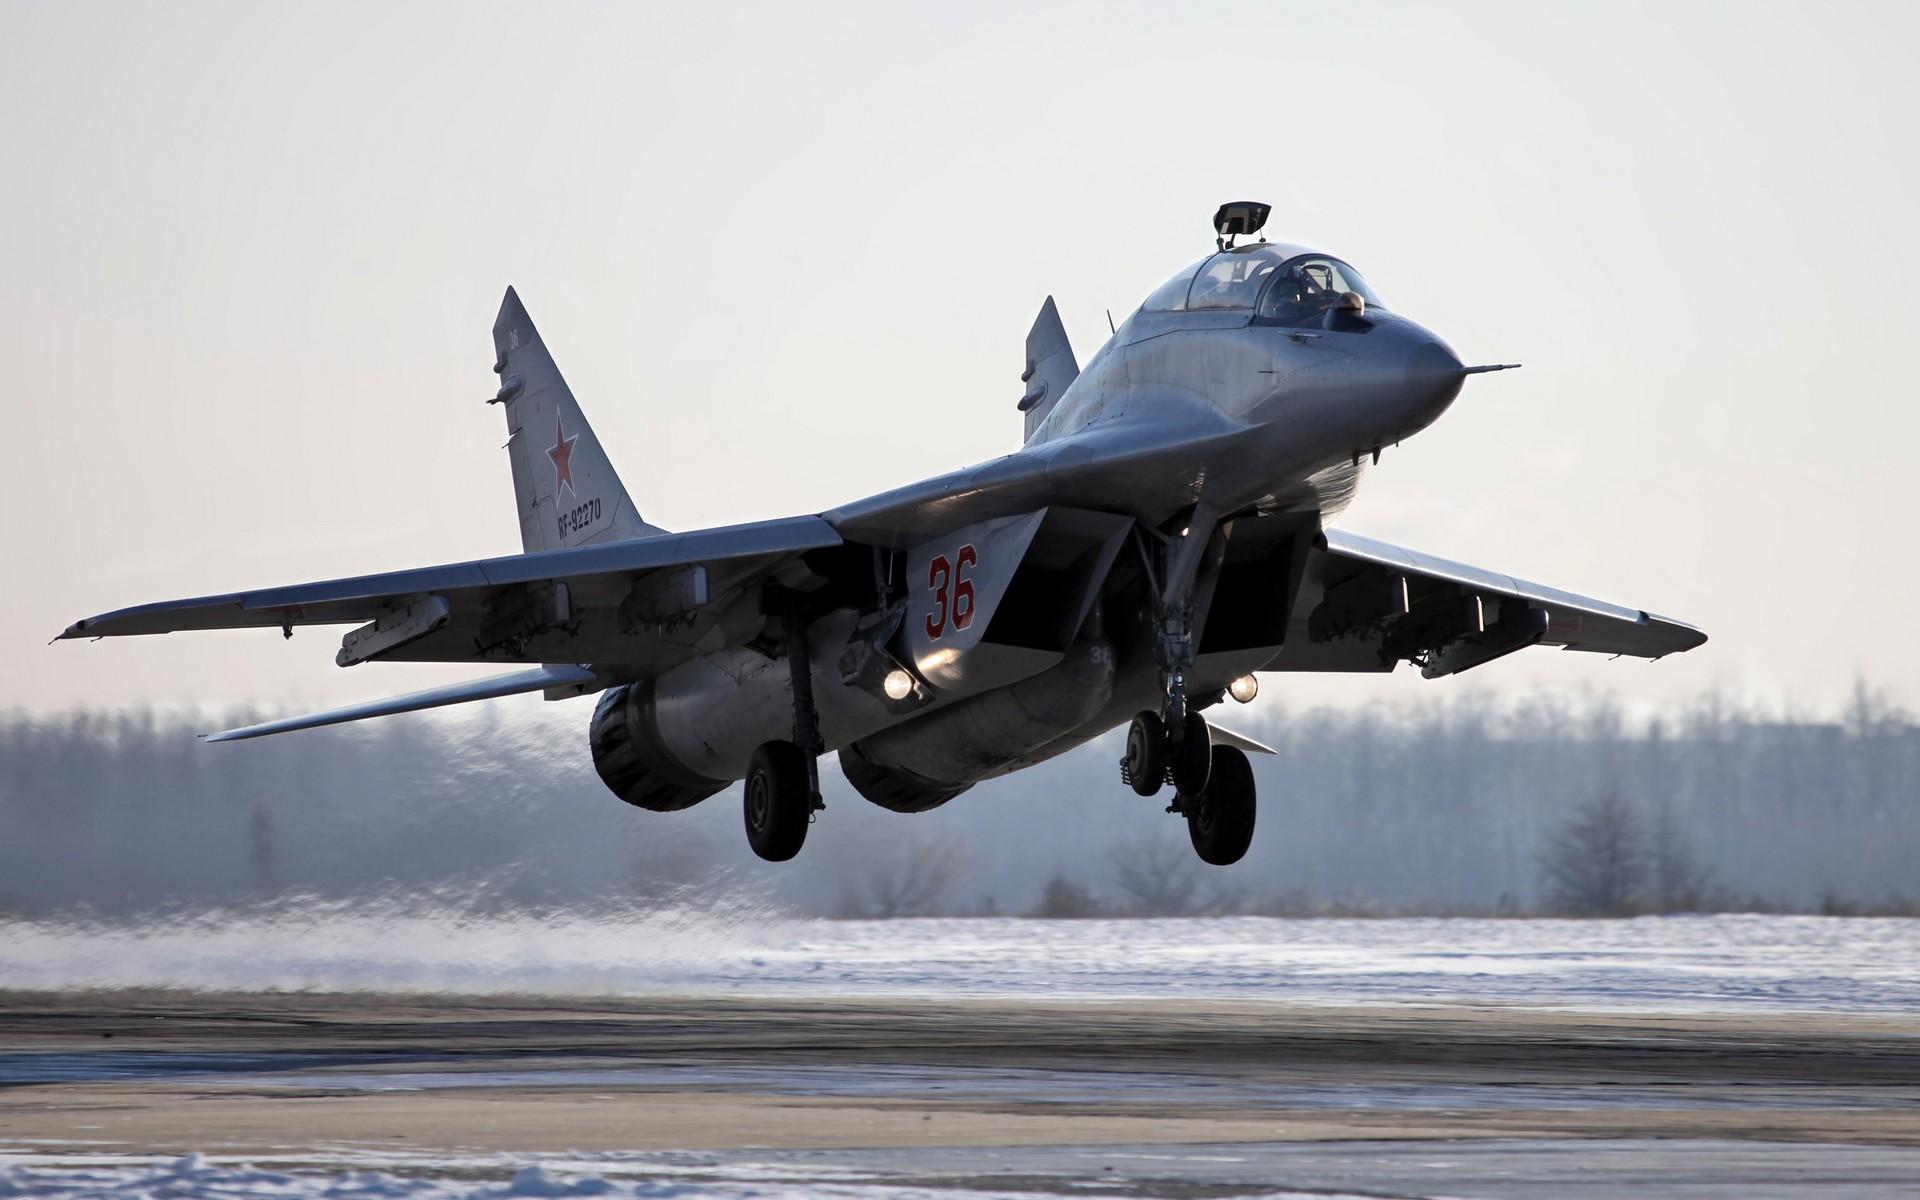 Картинки военных самолетов ввс россии